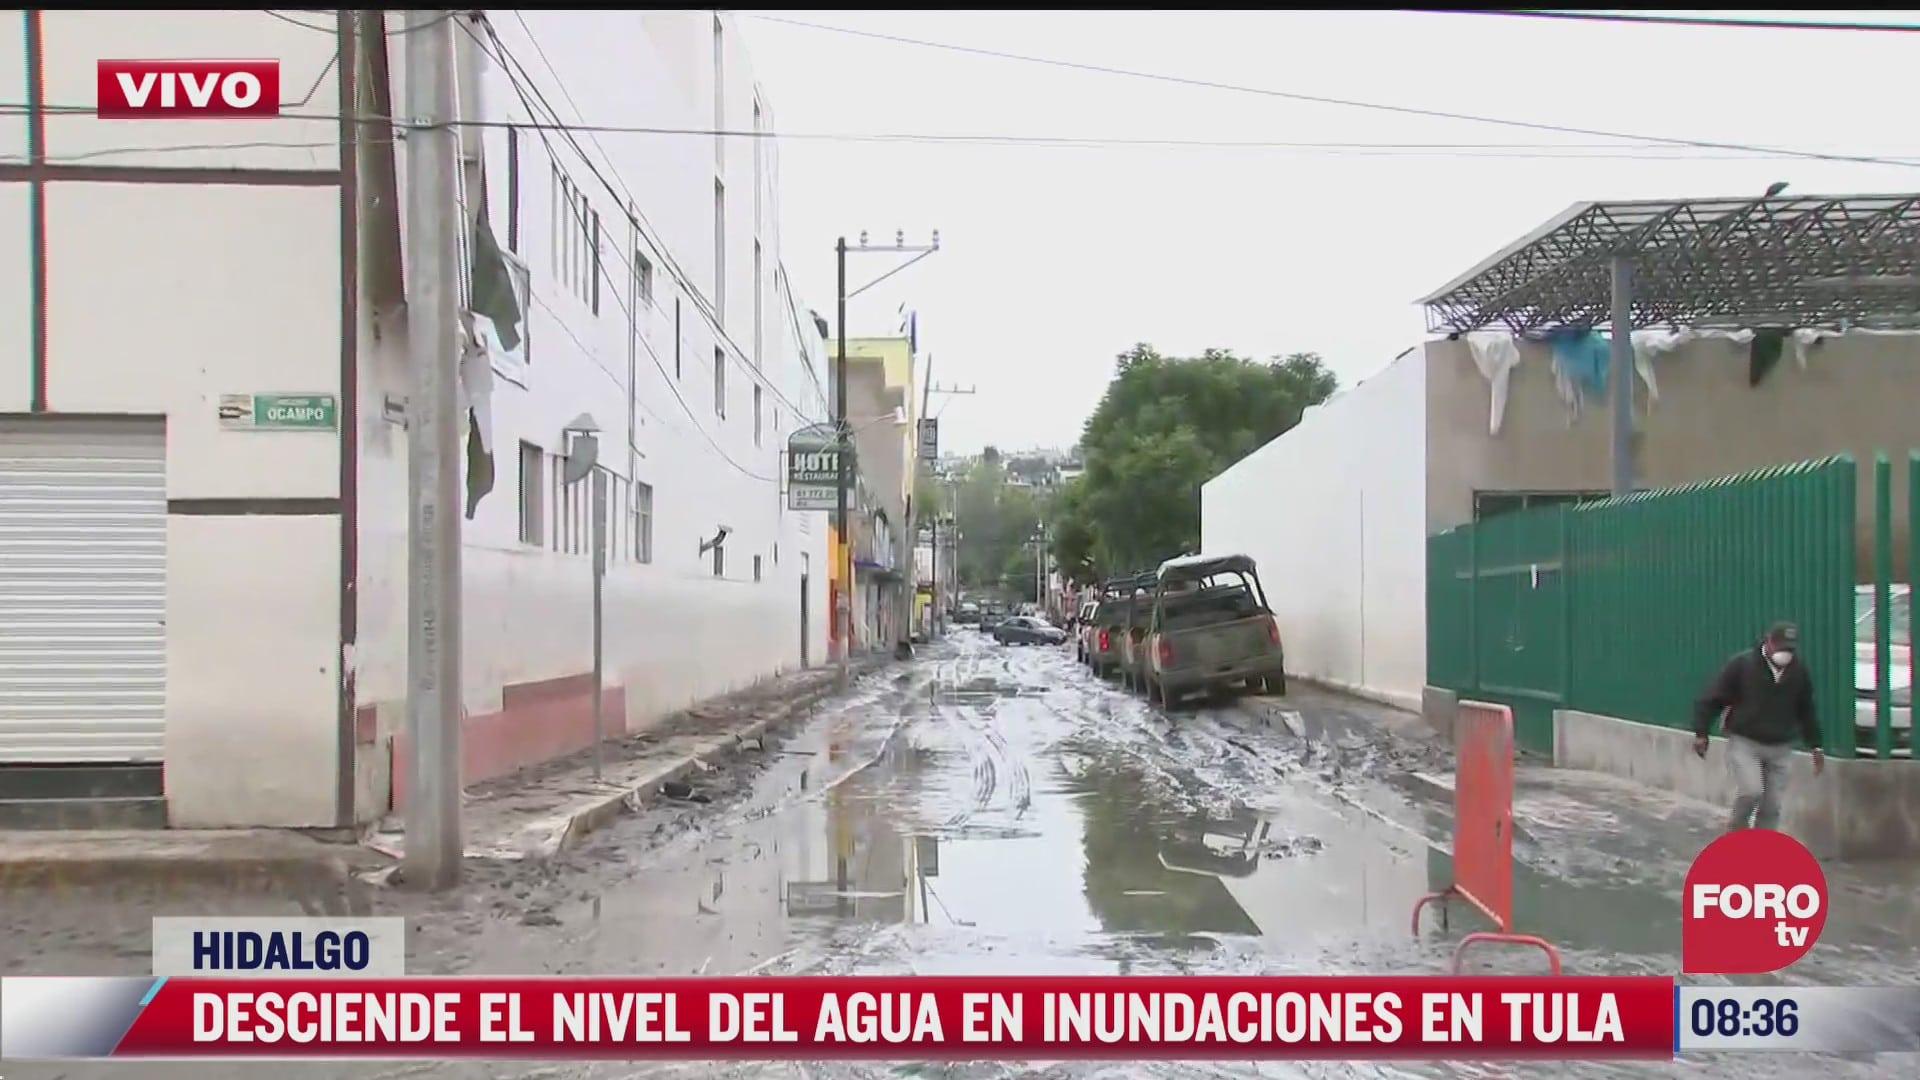 desciende nivel de agua en hospital del imss inundado en tula hidalgo